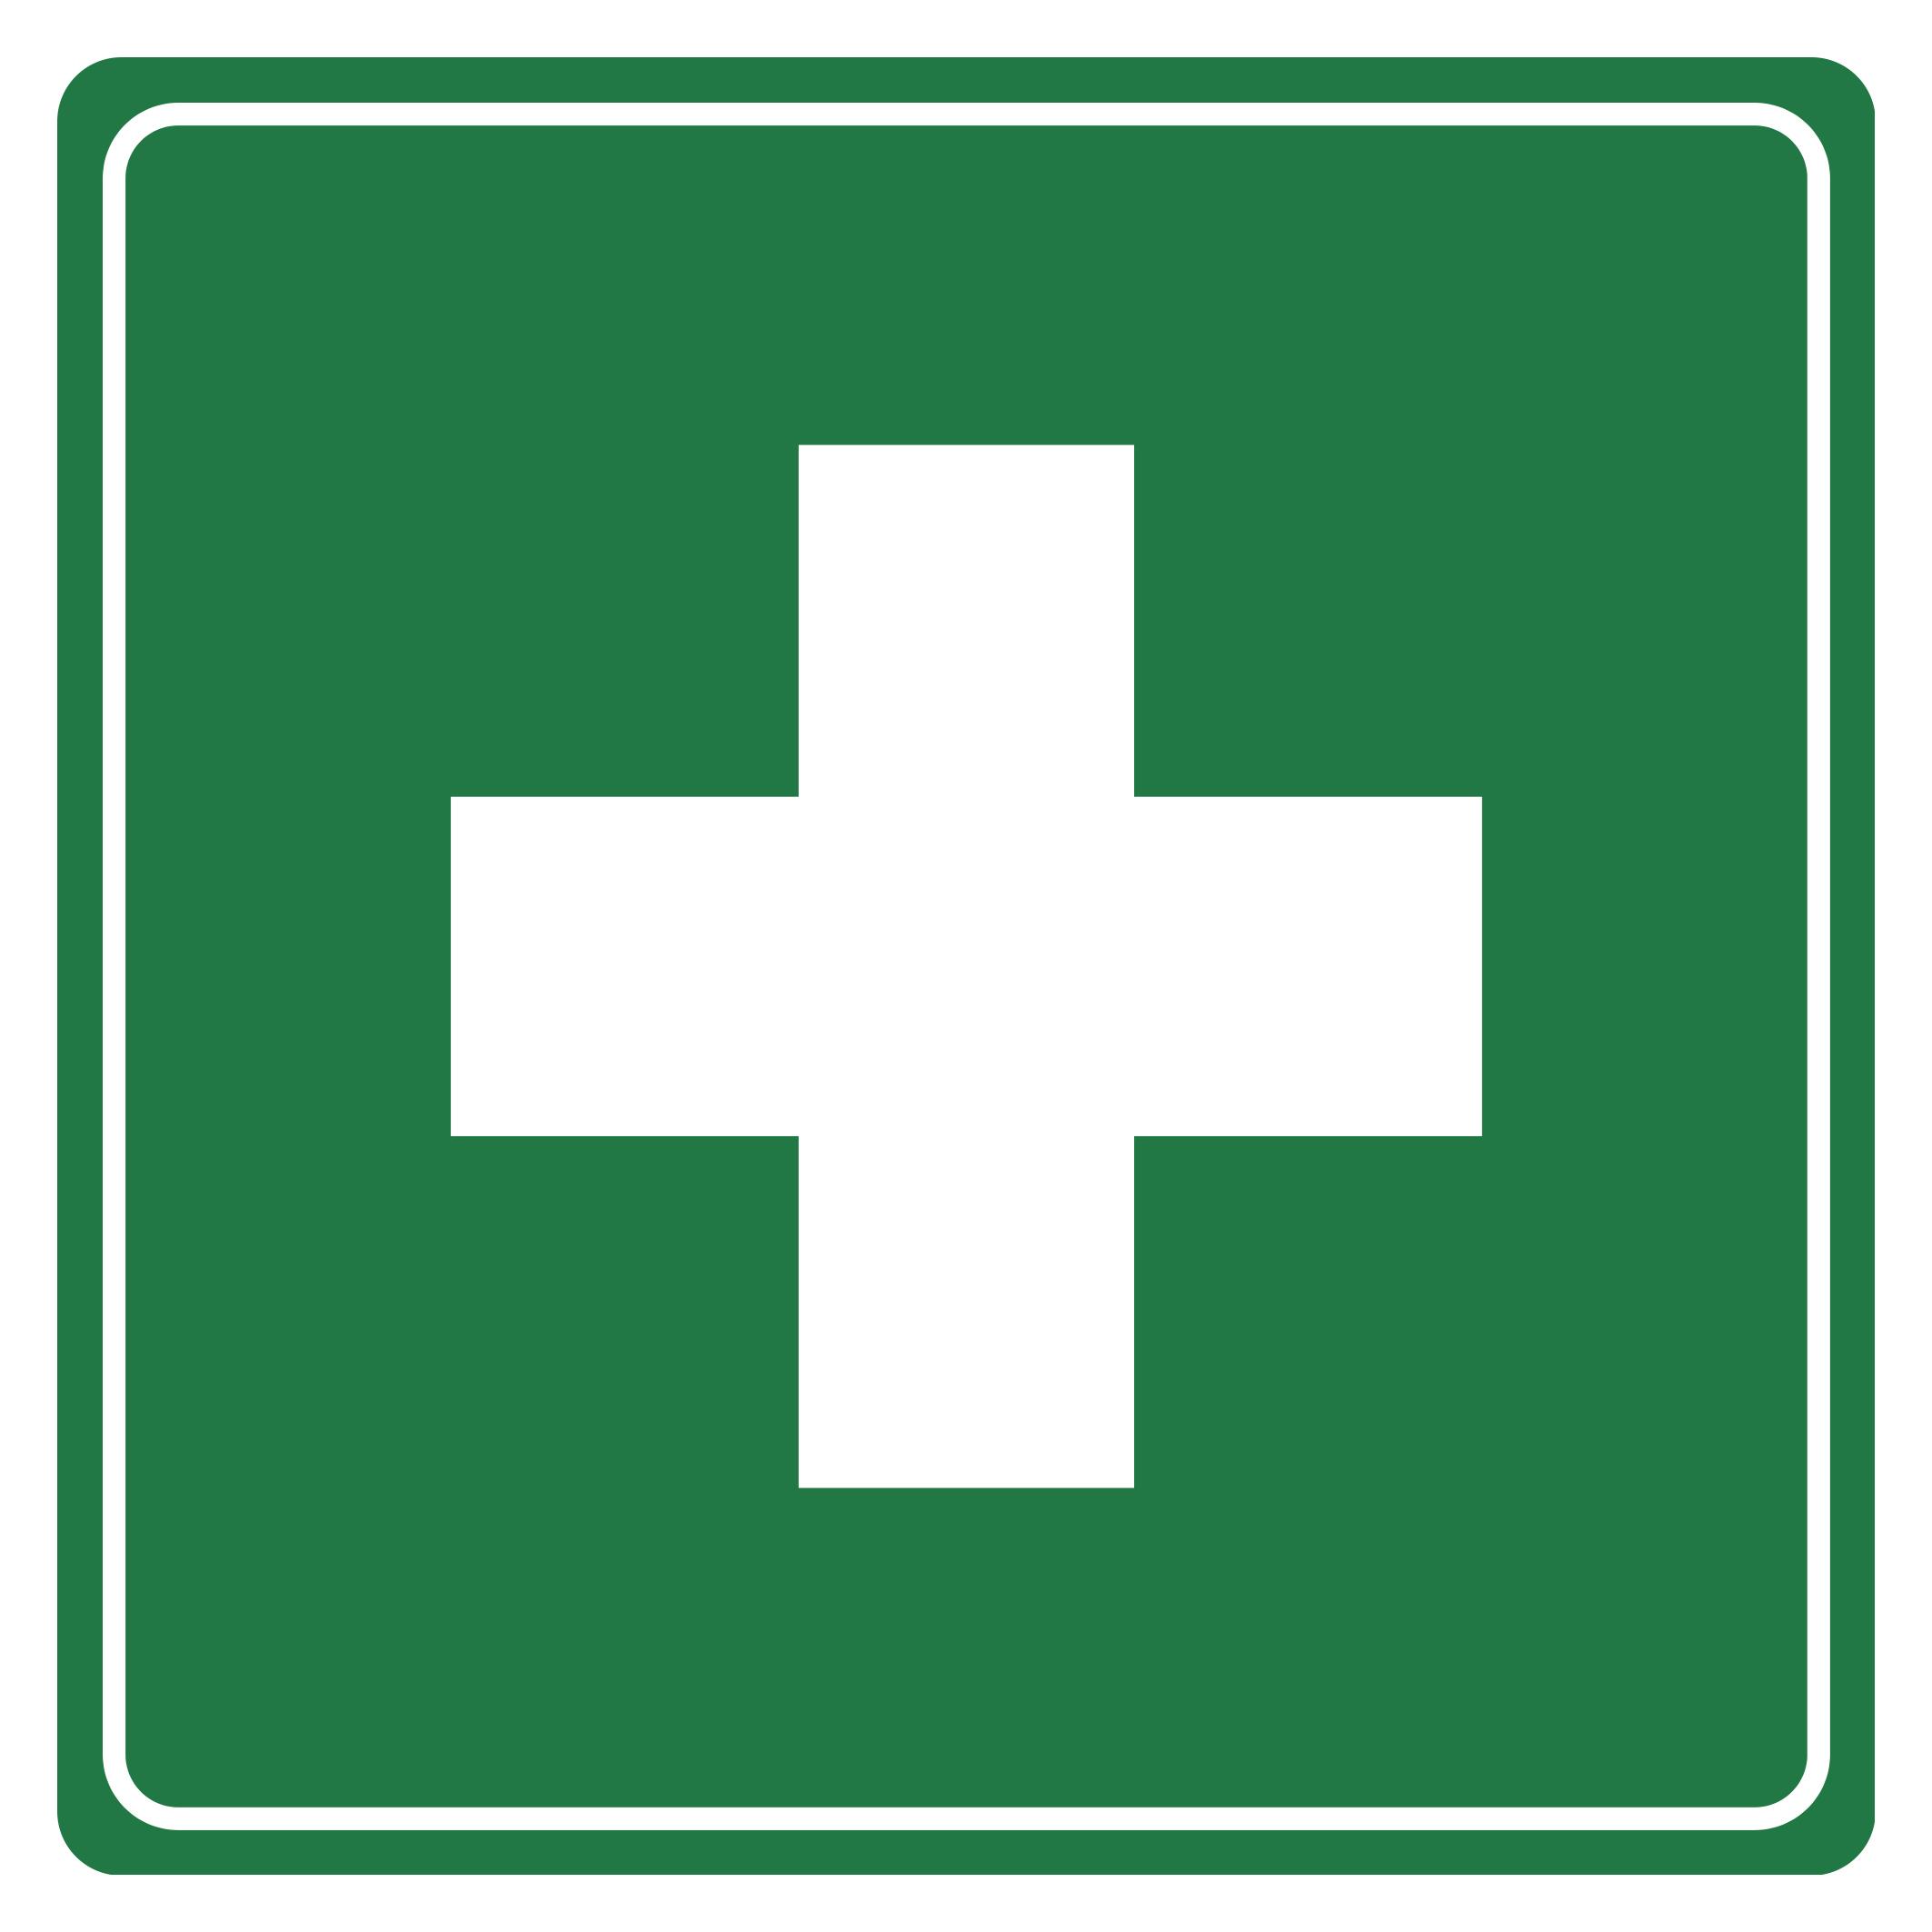 First aid supplies joondalup resort